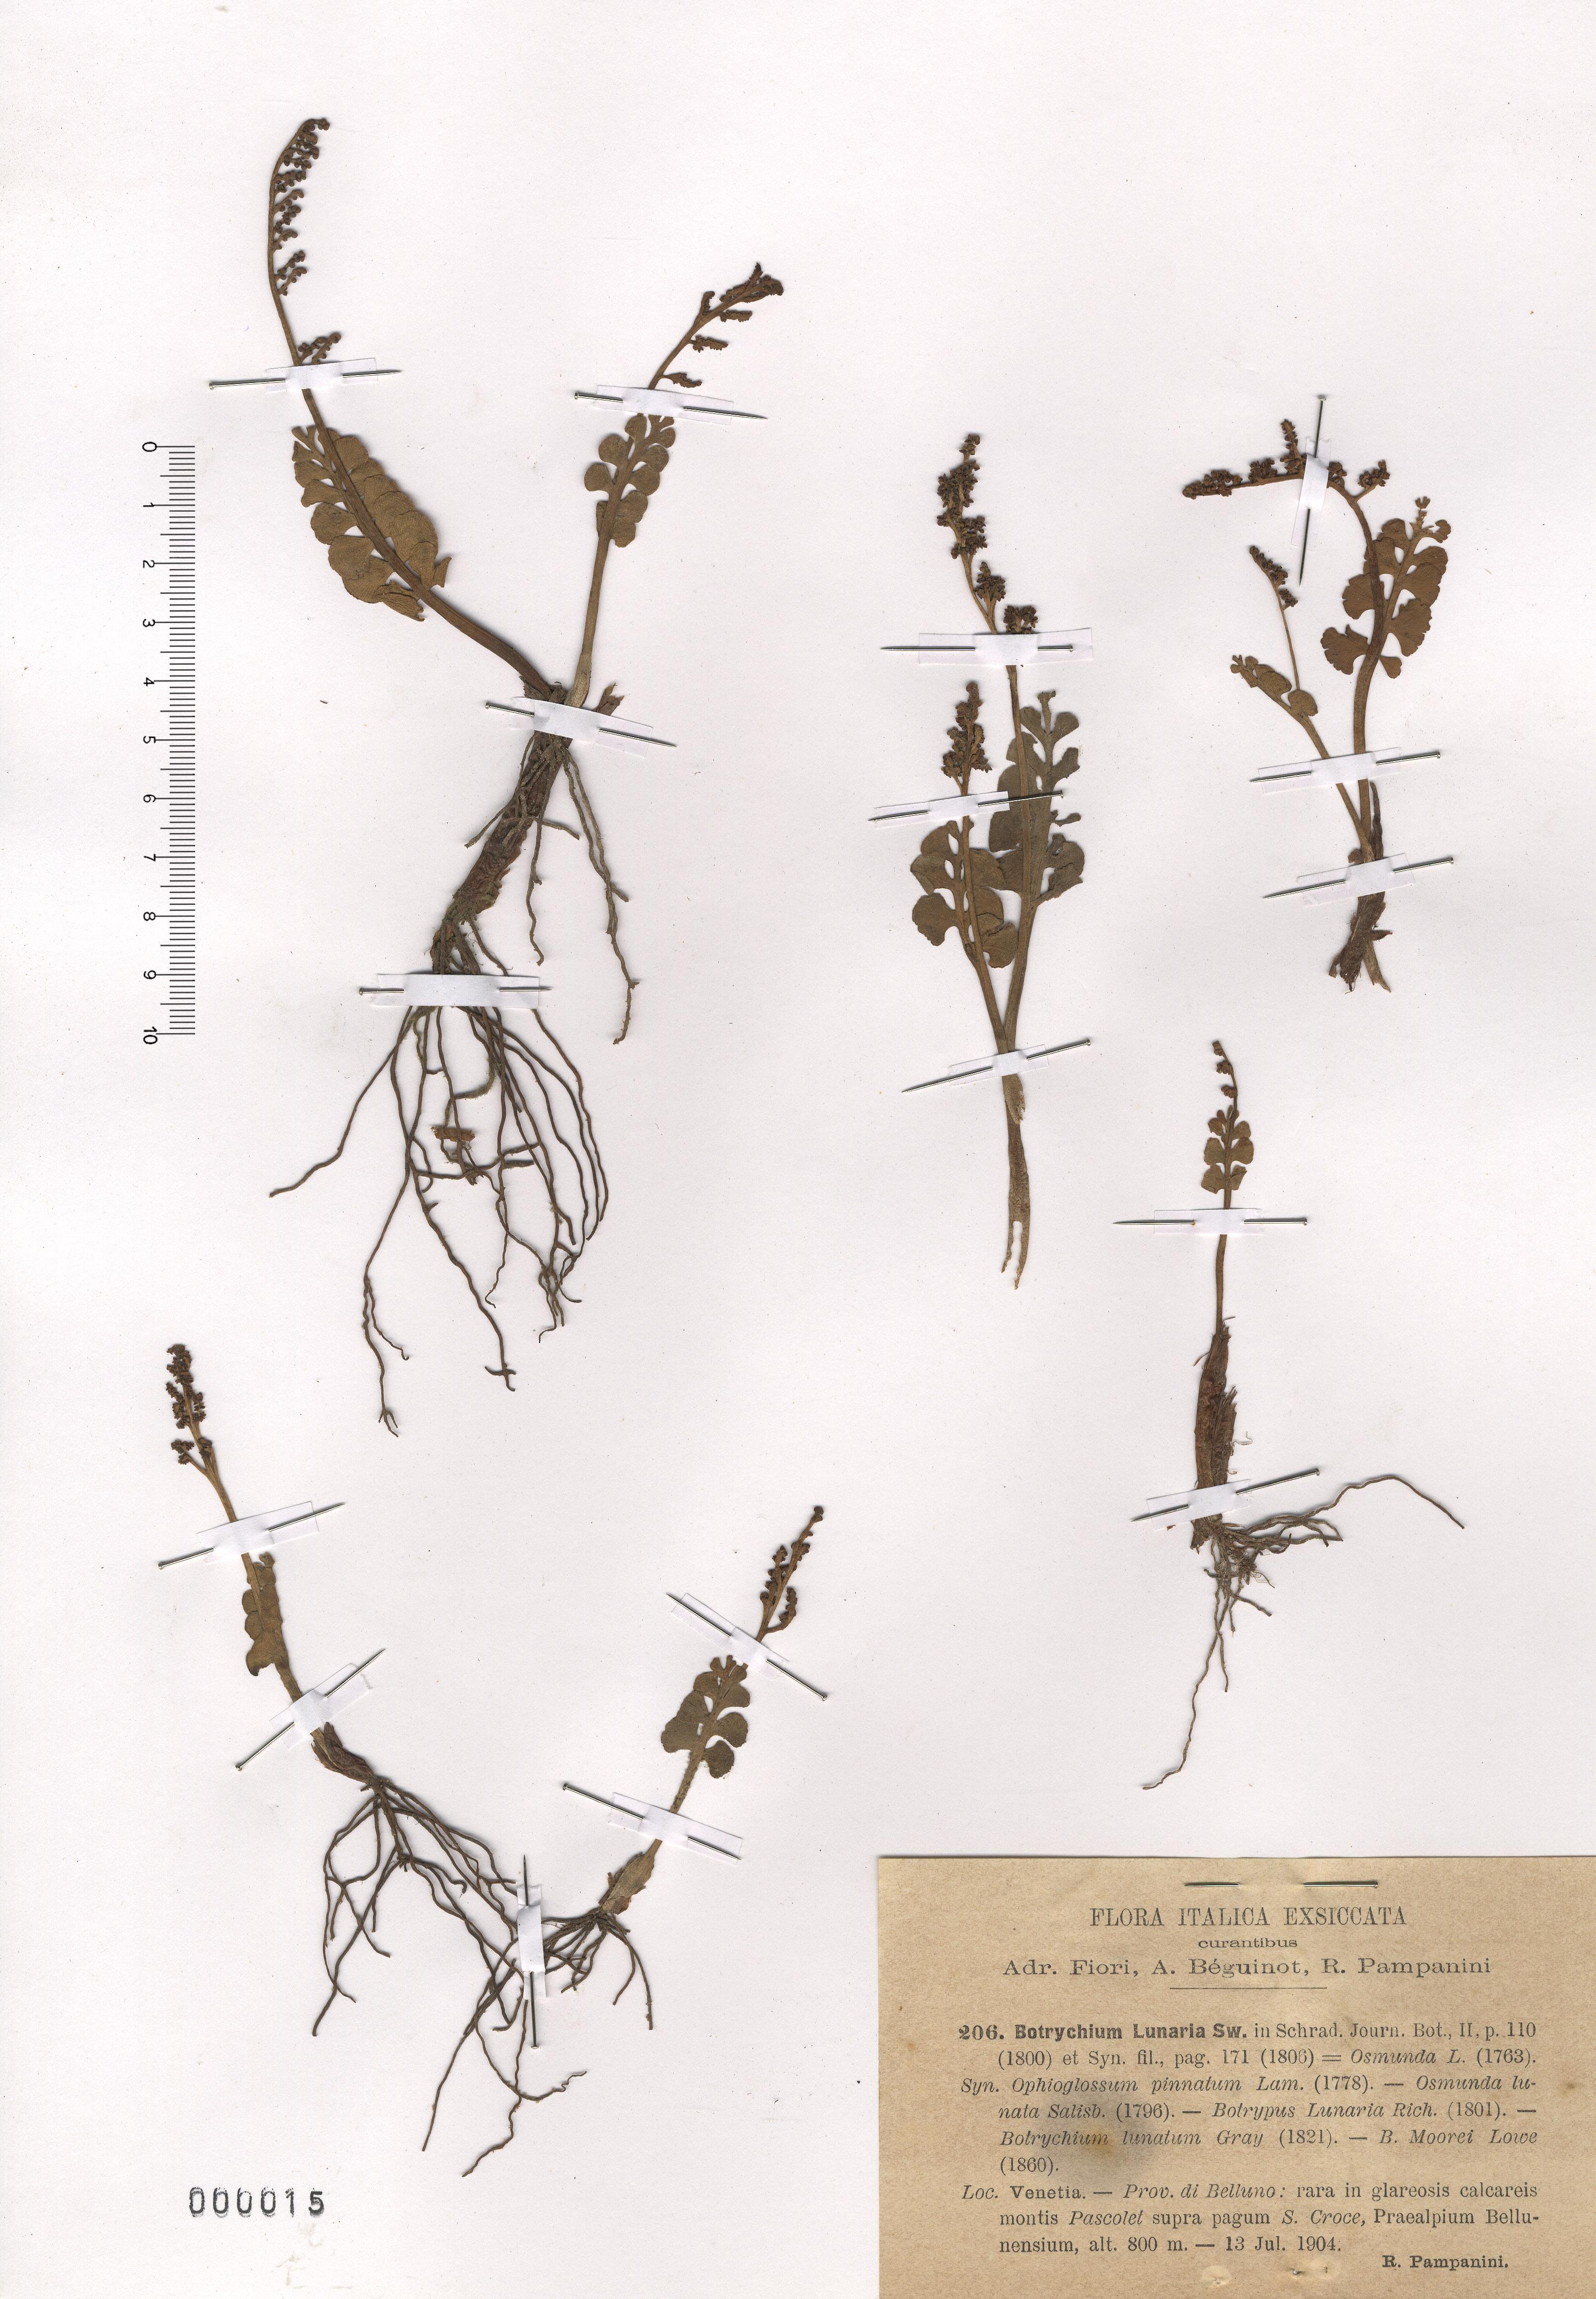 © Hortus Botanicus Catinensis - Herb. sheet 000015<br>